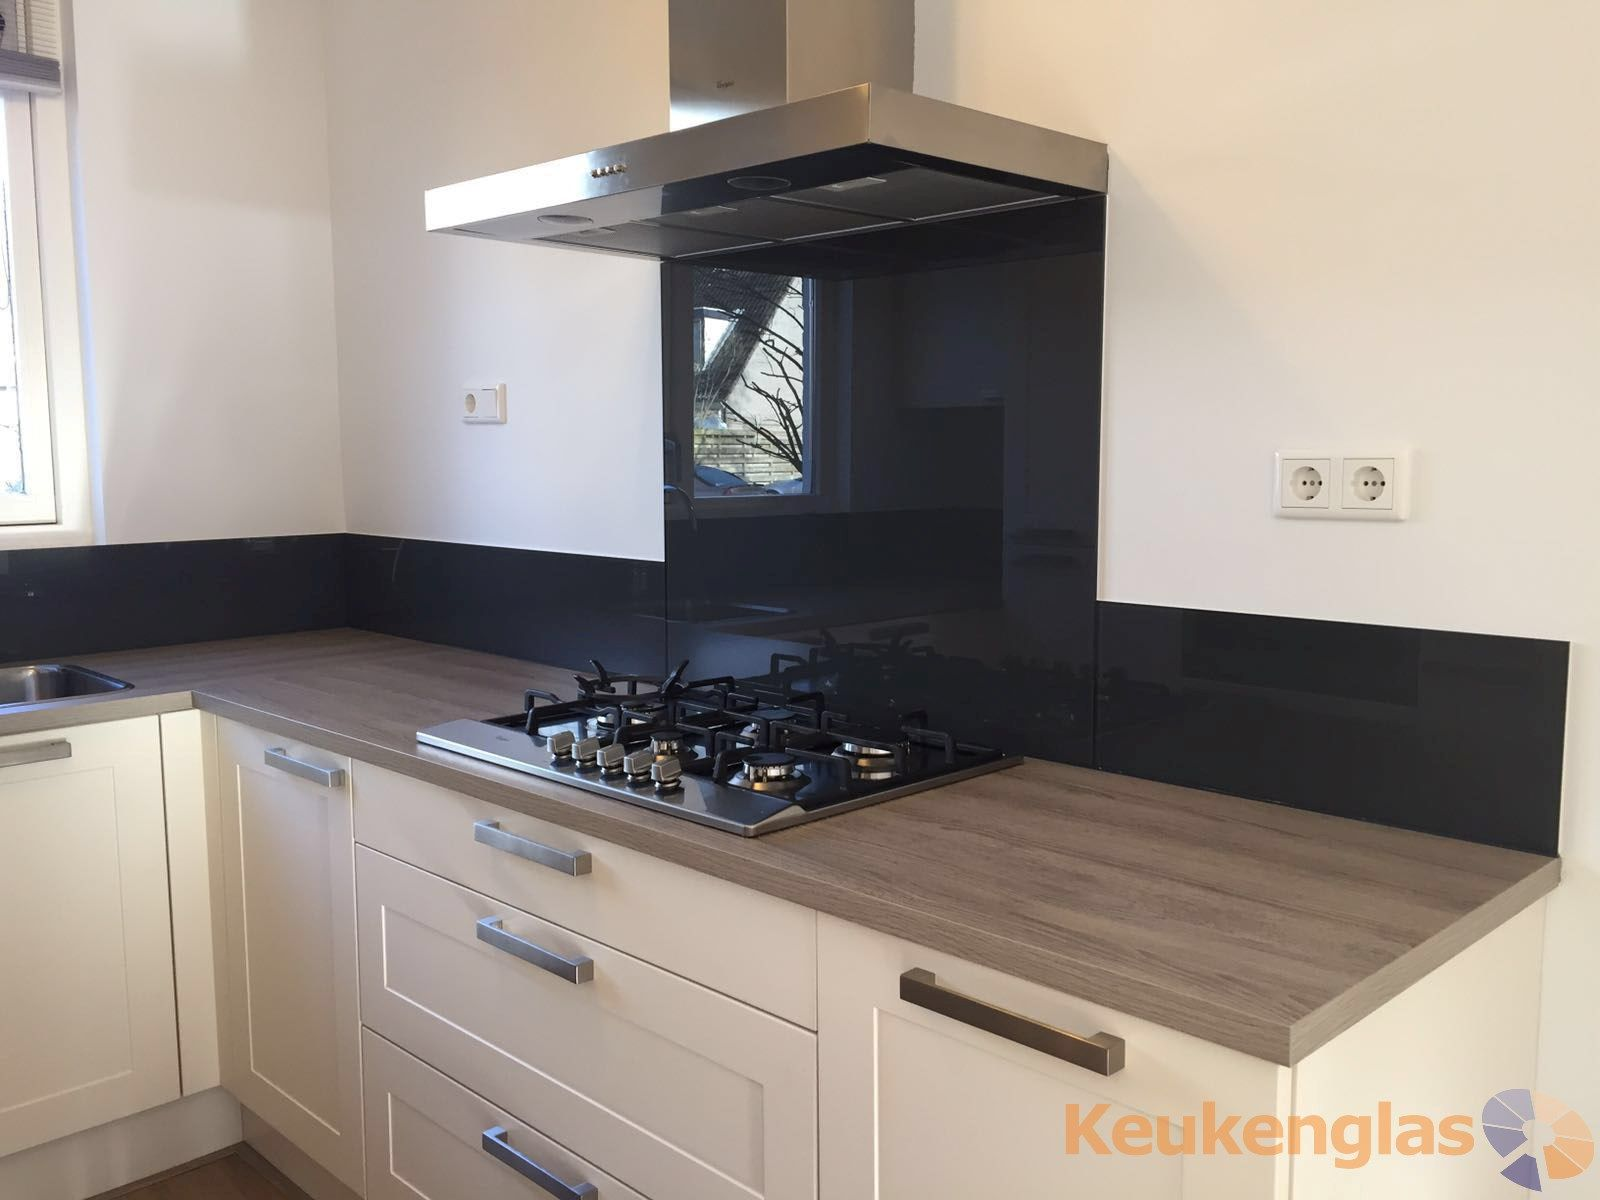 Zwarte Glazen Keuken Achterwand Arnhem Keukenglas Keuken Achterwand Keuken Keuken Ontwerpen